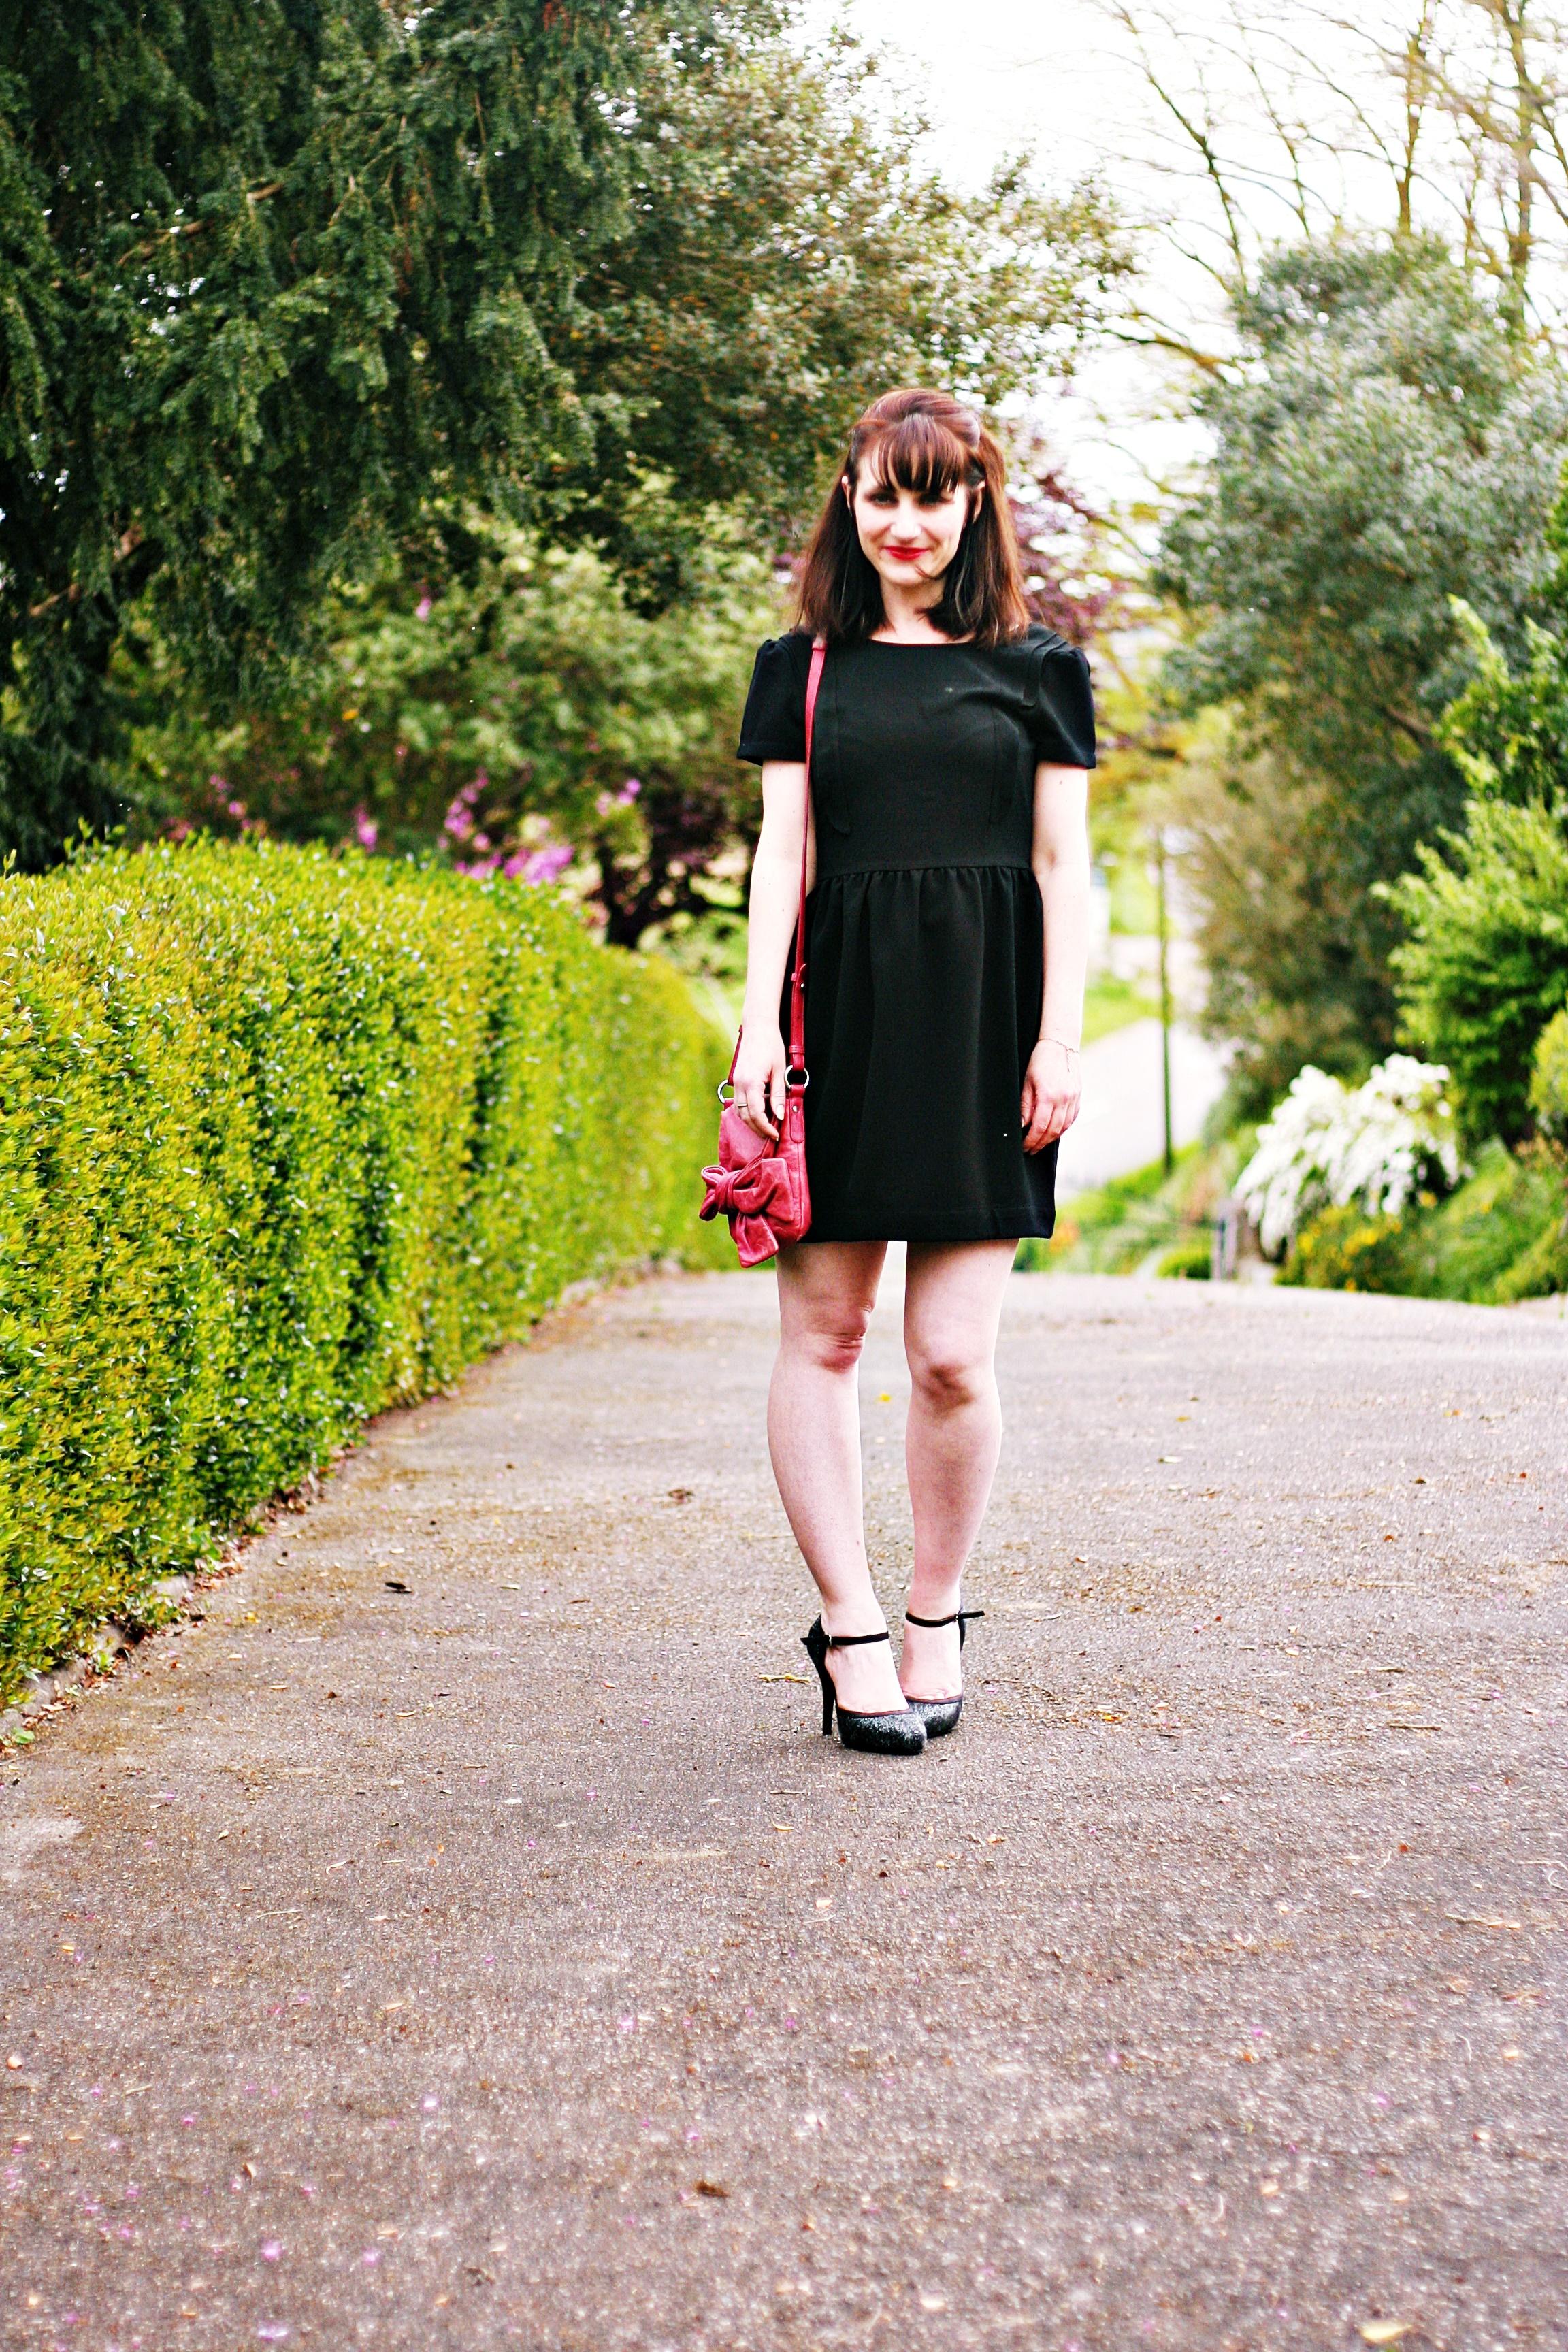 robe-noire-dos-boutonné-rond-black-dress-street-style-blog-mode-bymonshowroom-robe-noire-rétro-letanneur-look-sac-rouge